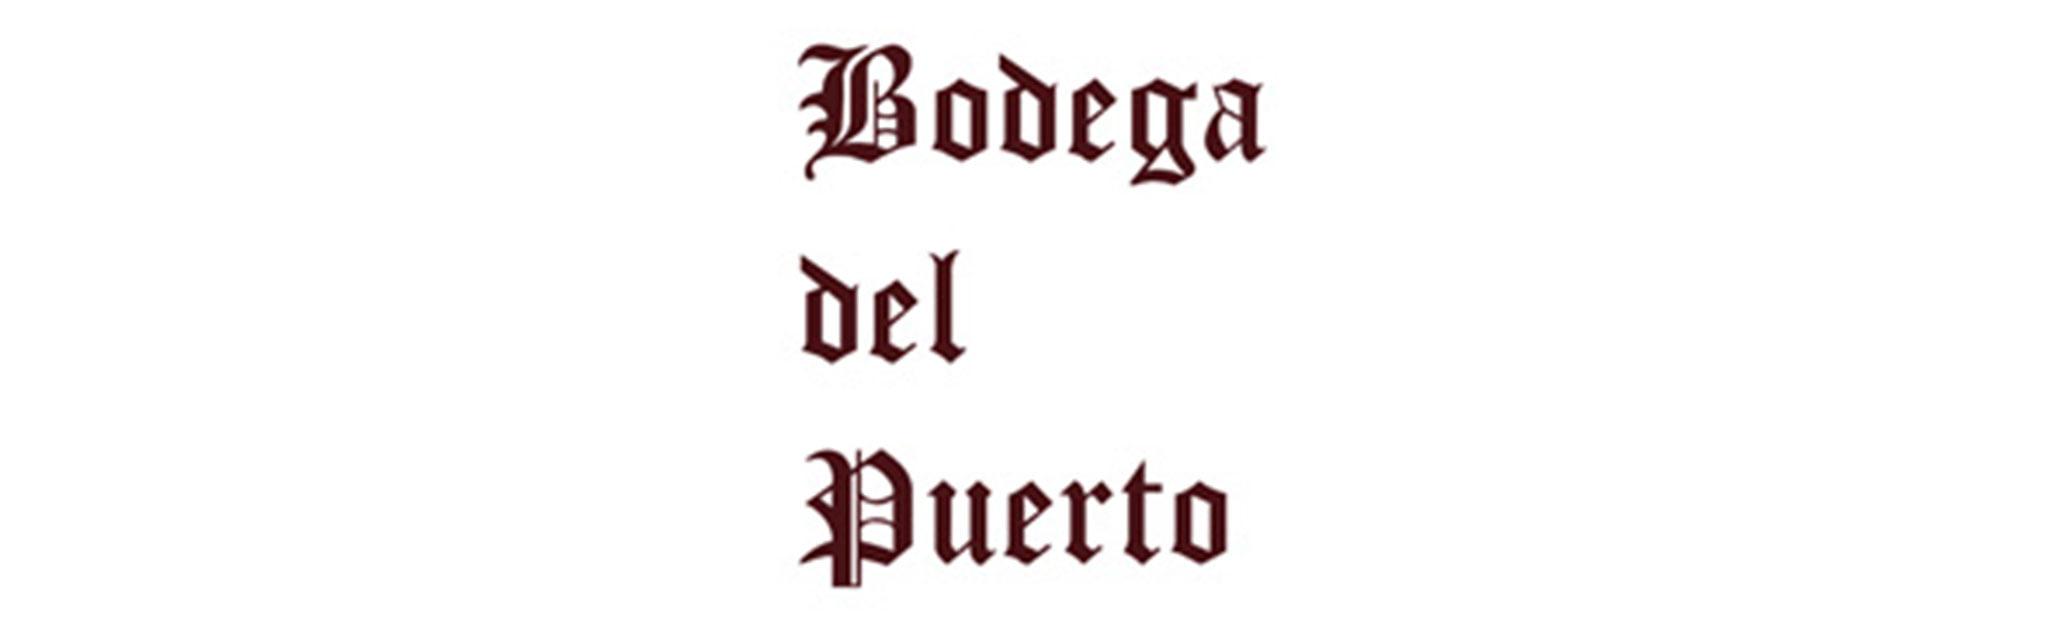 Logotipo de Bodega del Puerto